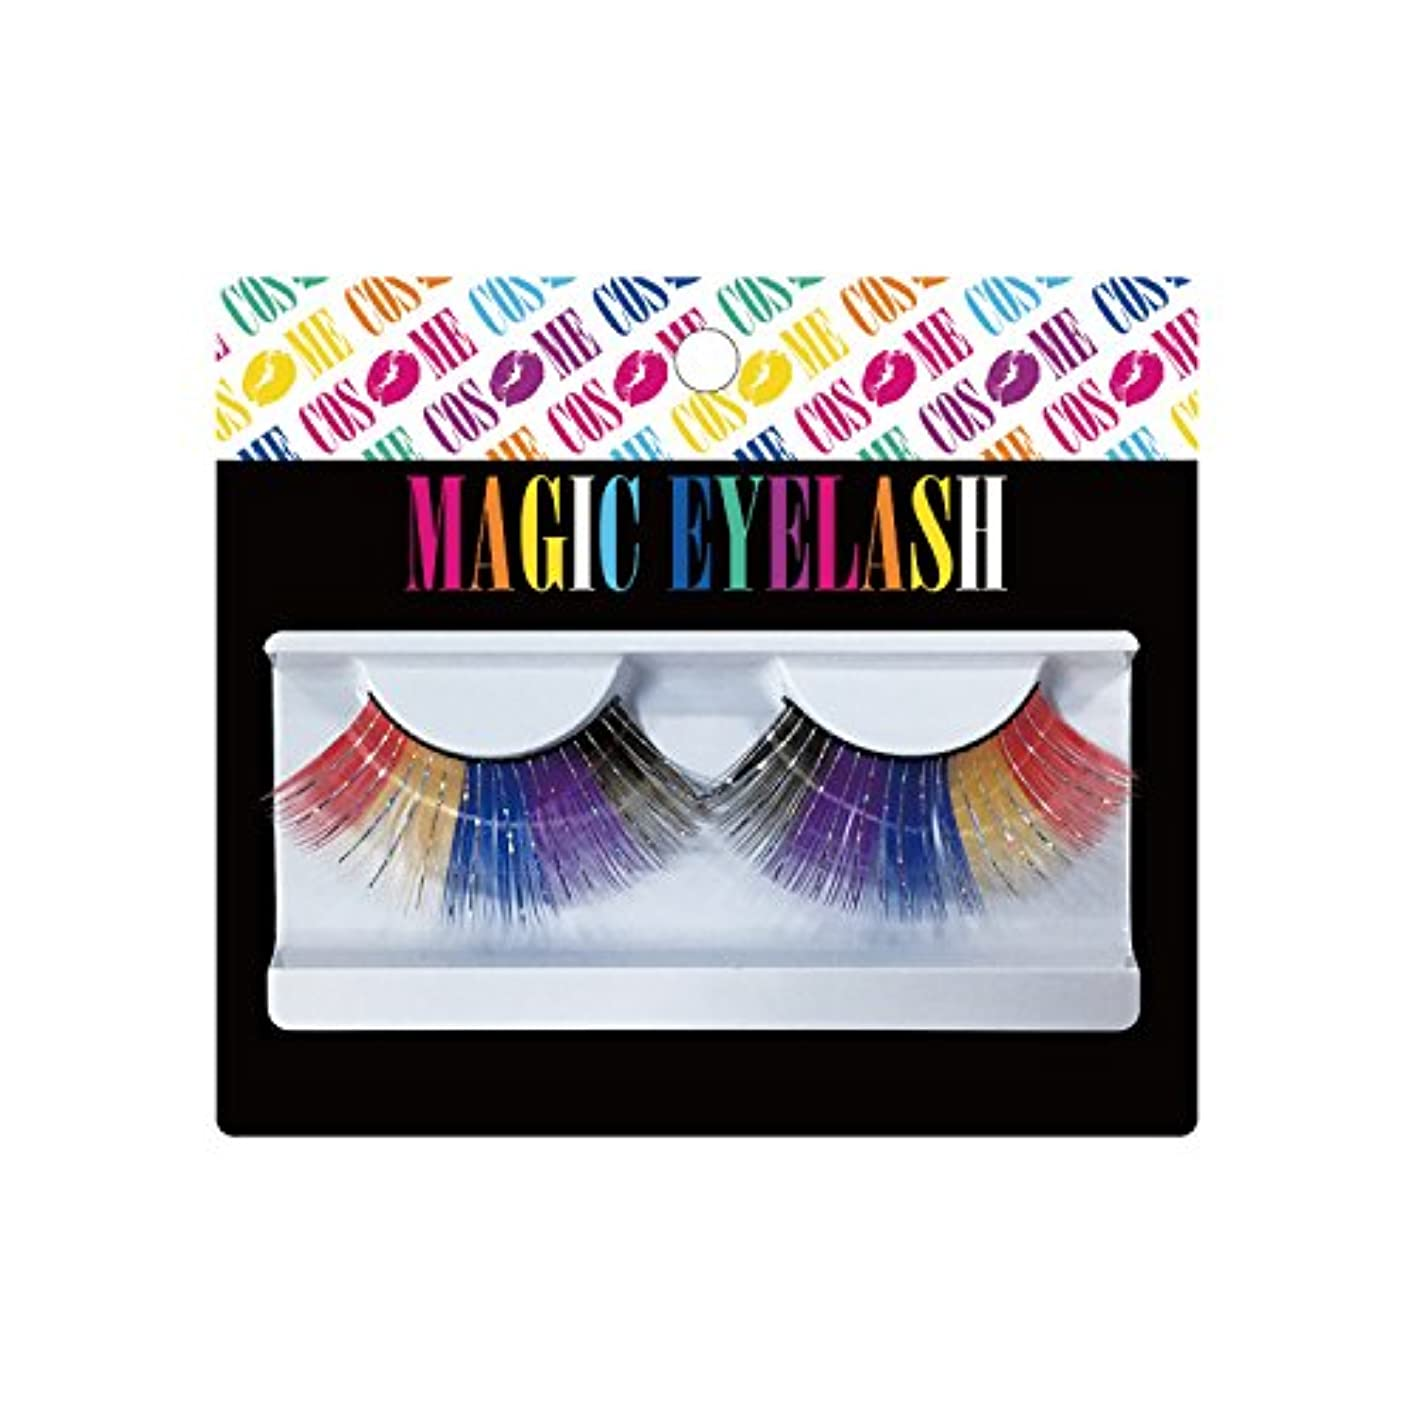 放映本物の秋ピュア つけまつげ MAGIC EYELASH マジック アイラッシュ #29